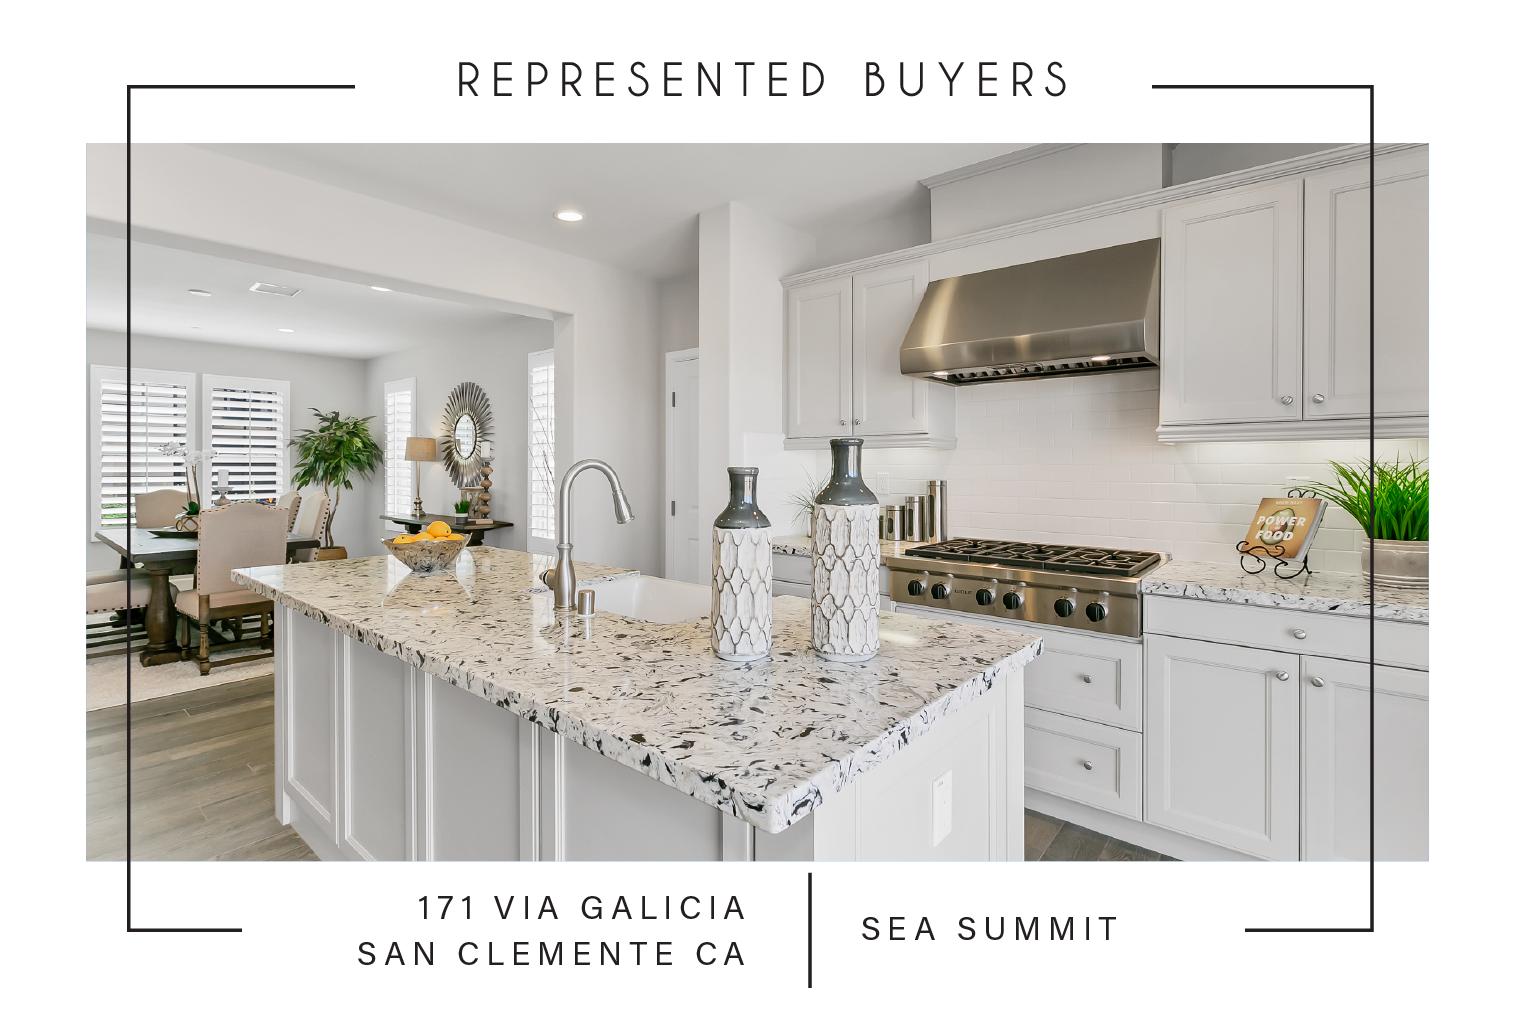 SOLD 03/15/2019 $1,333,000  171 VIA GALICIA, SAN CLEMENTE CA